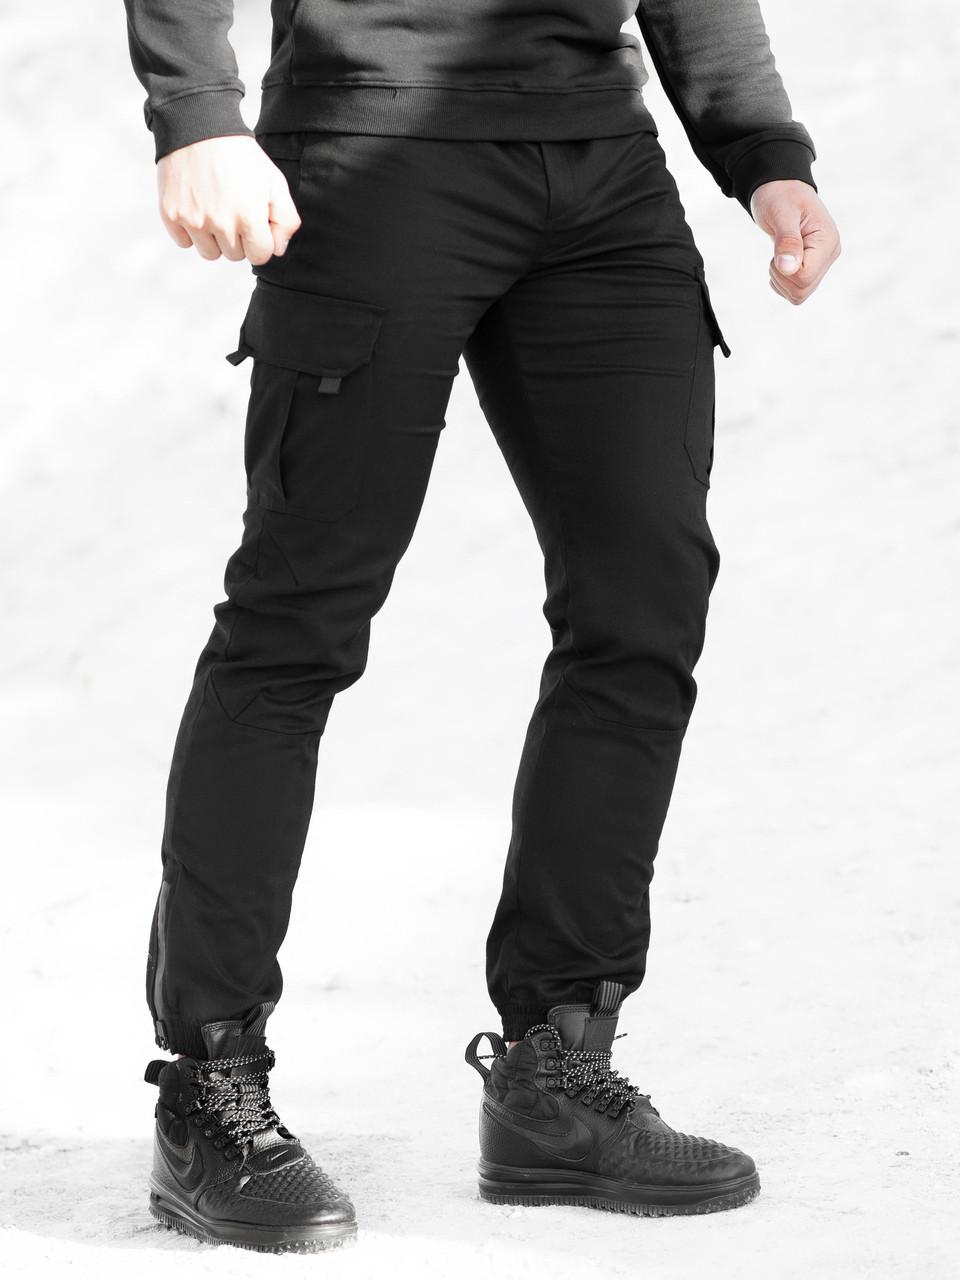 Теплые брюки карго мужские BeZet Warior 20 черные, фото 1